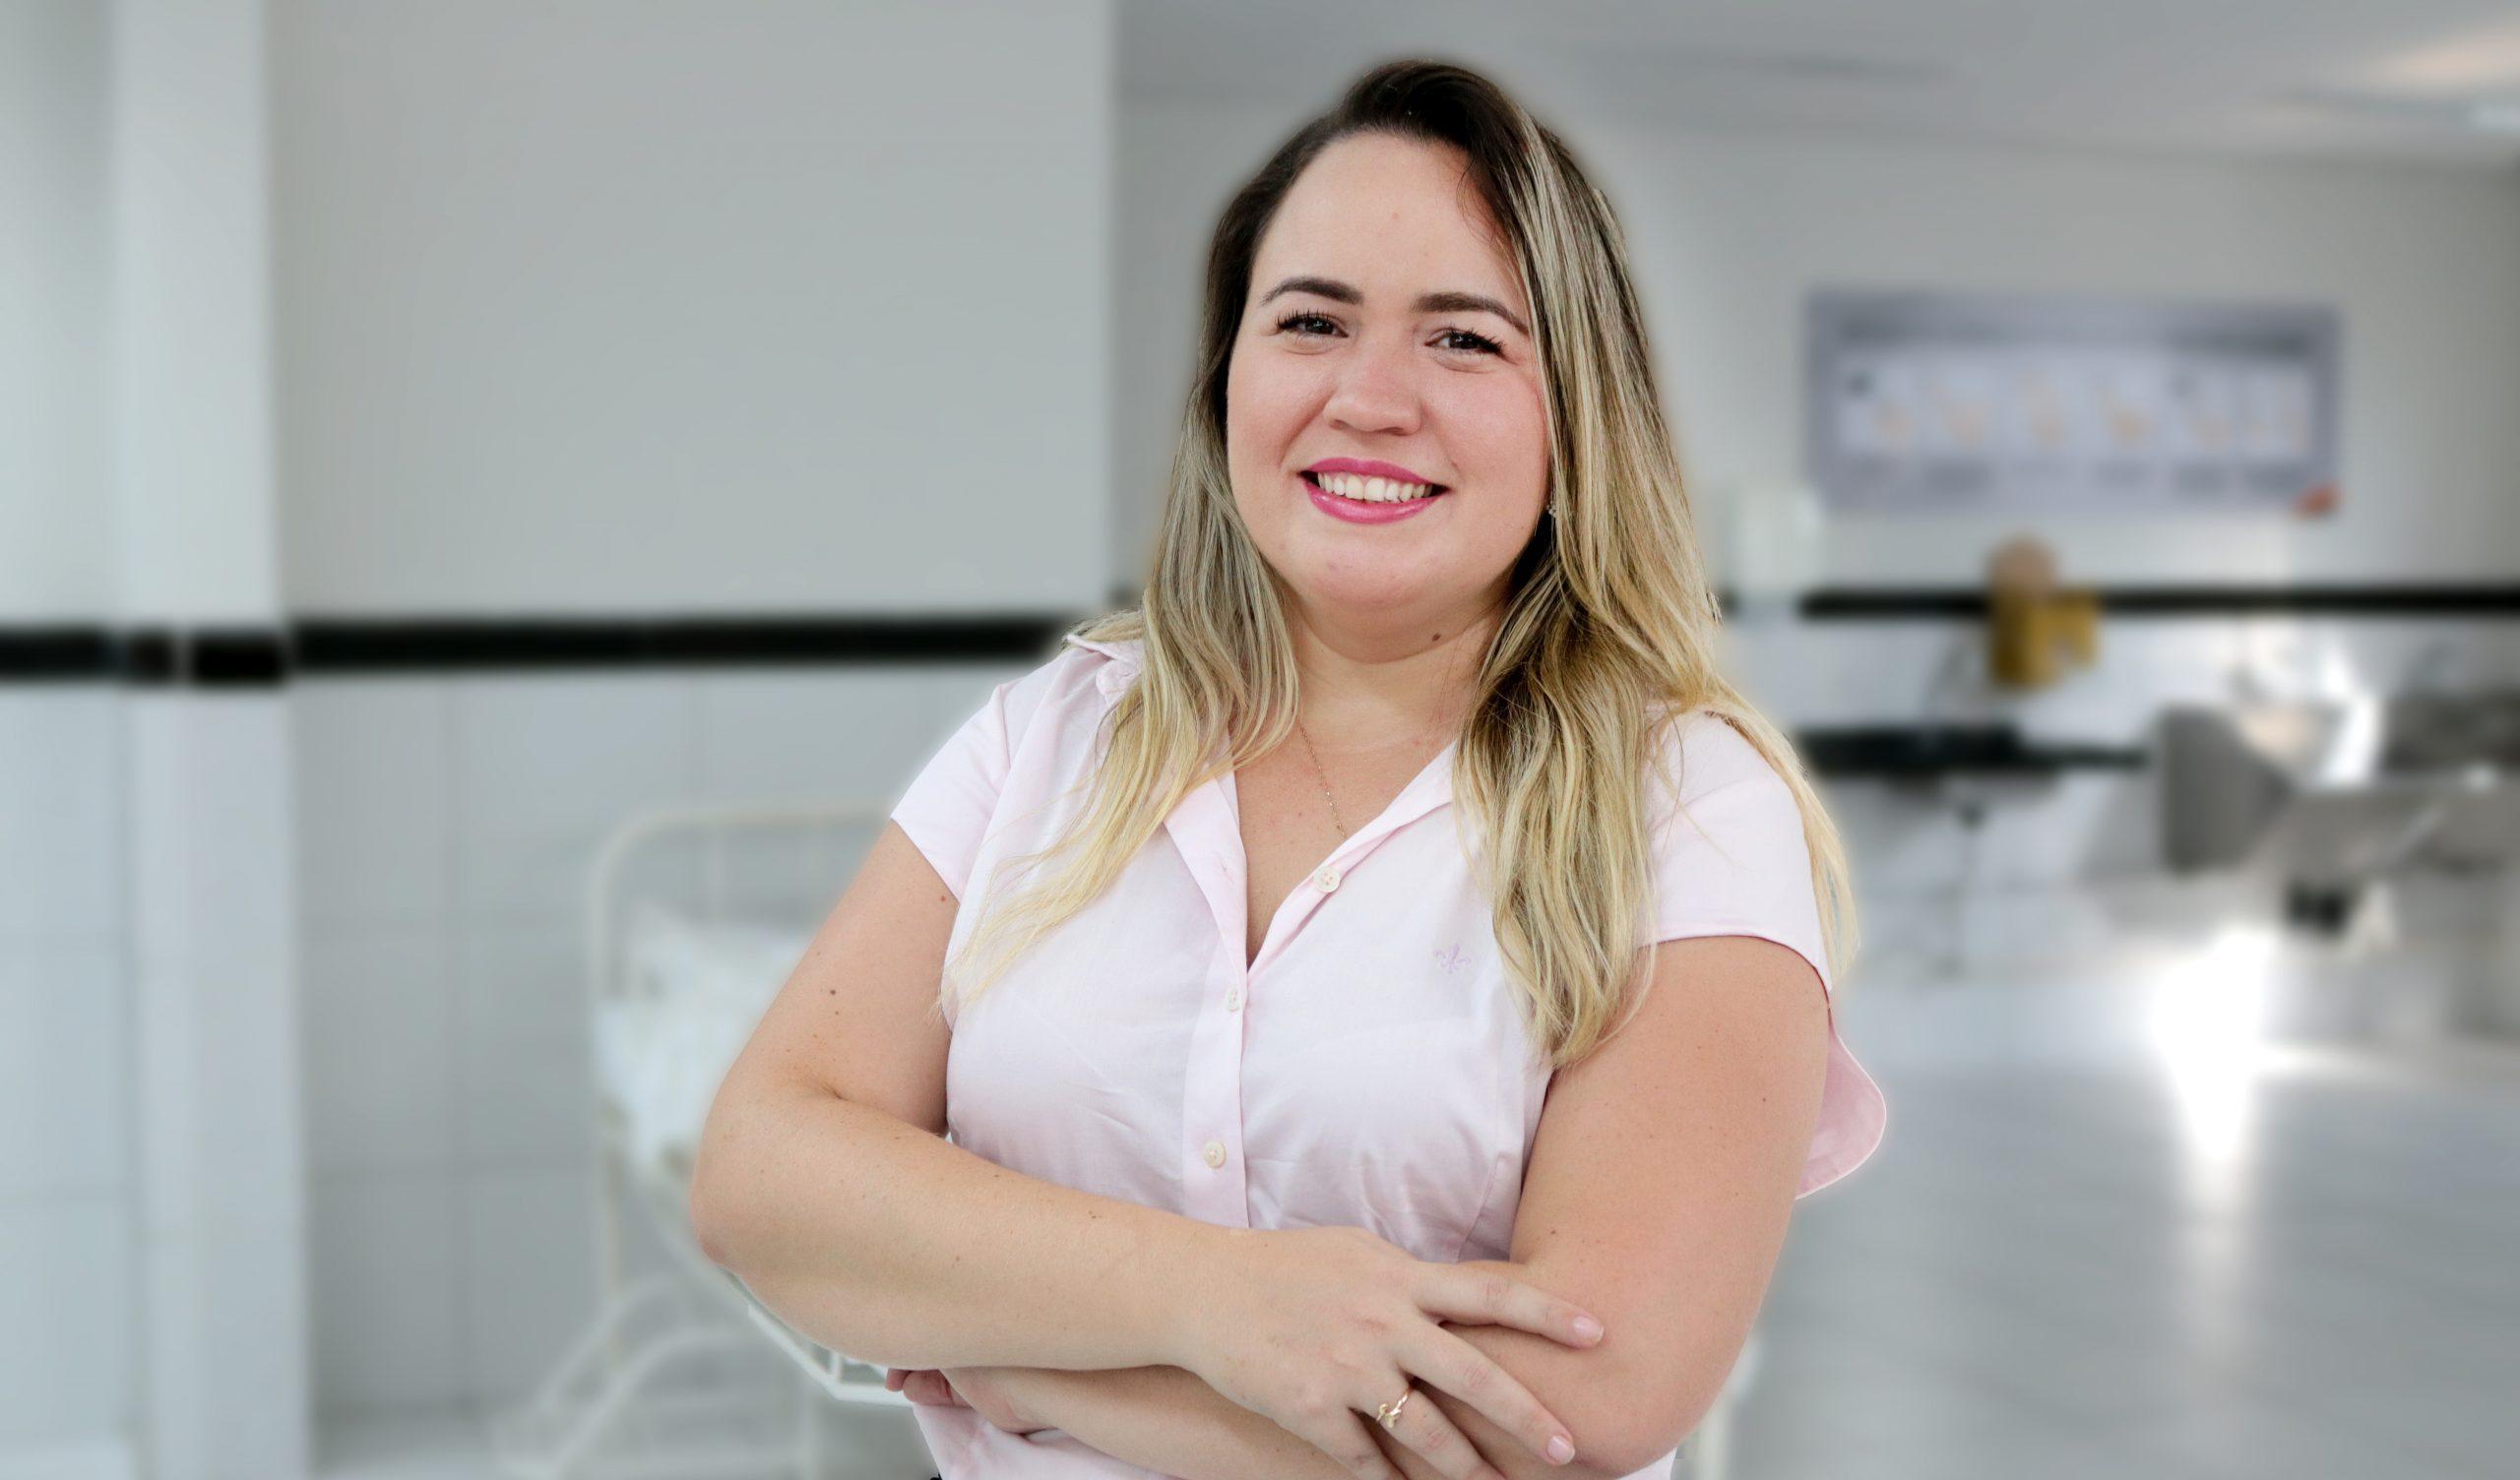 Entrevista com Mirian Coelho: Outubro Rosa e Enfermagem